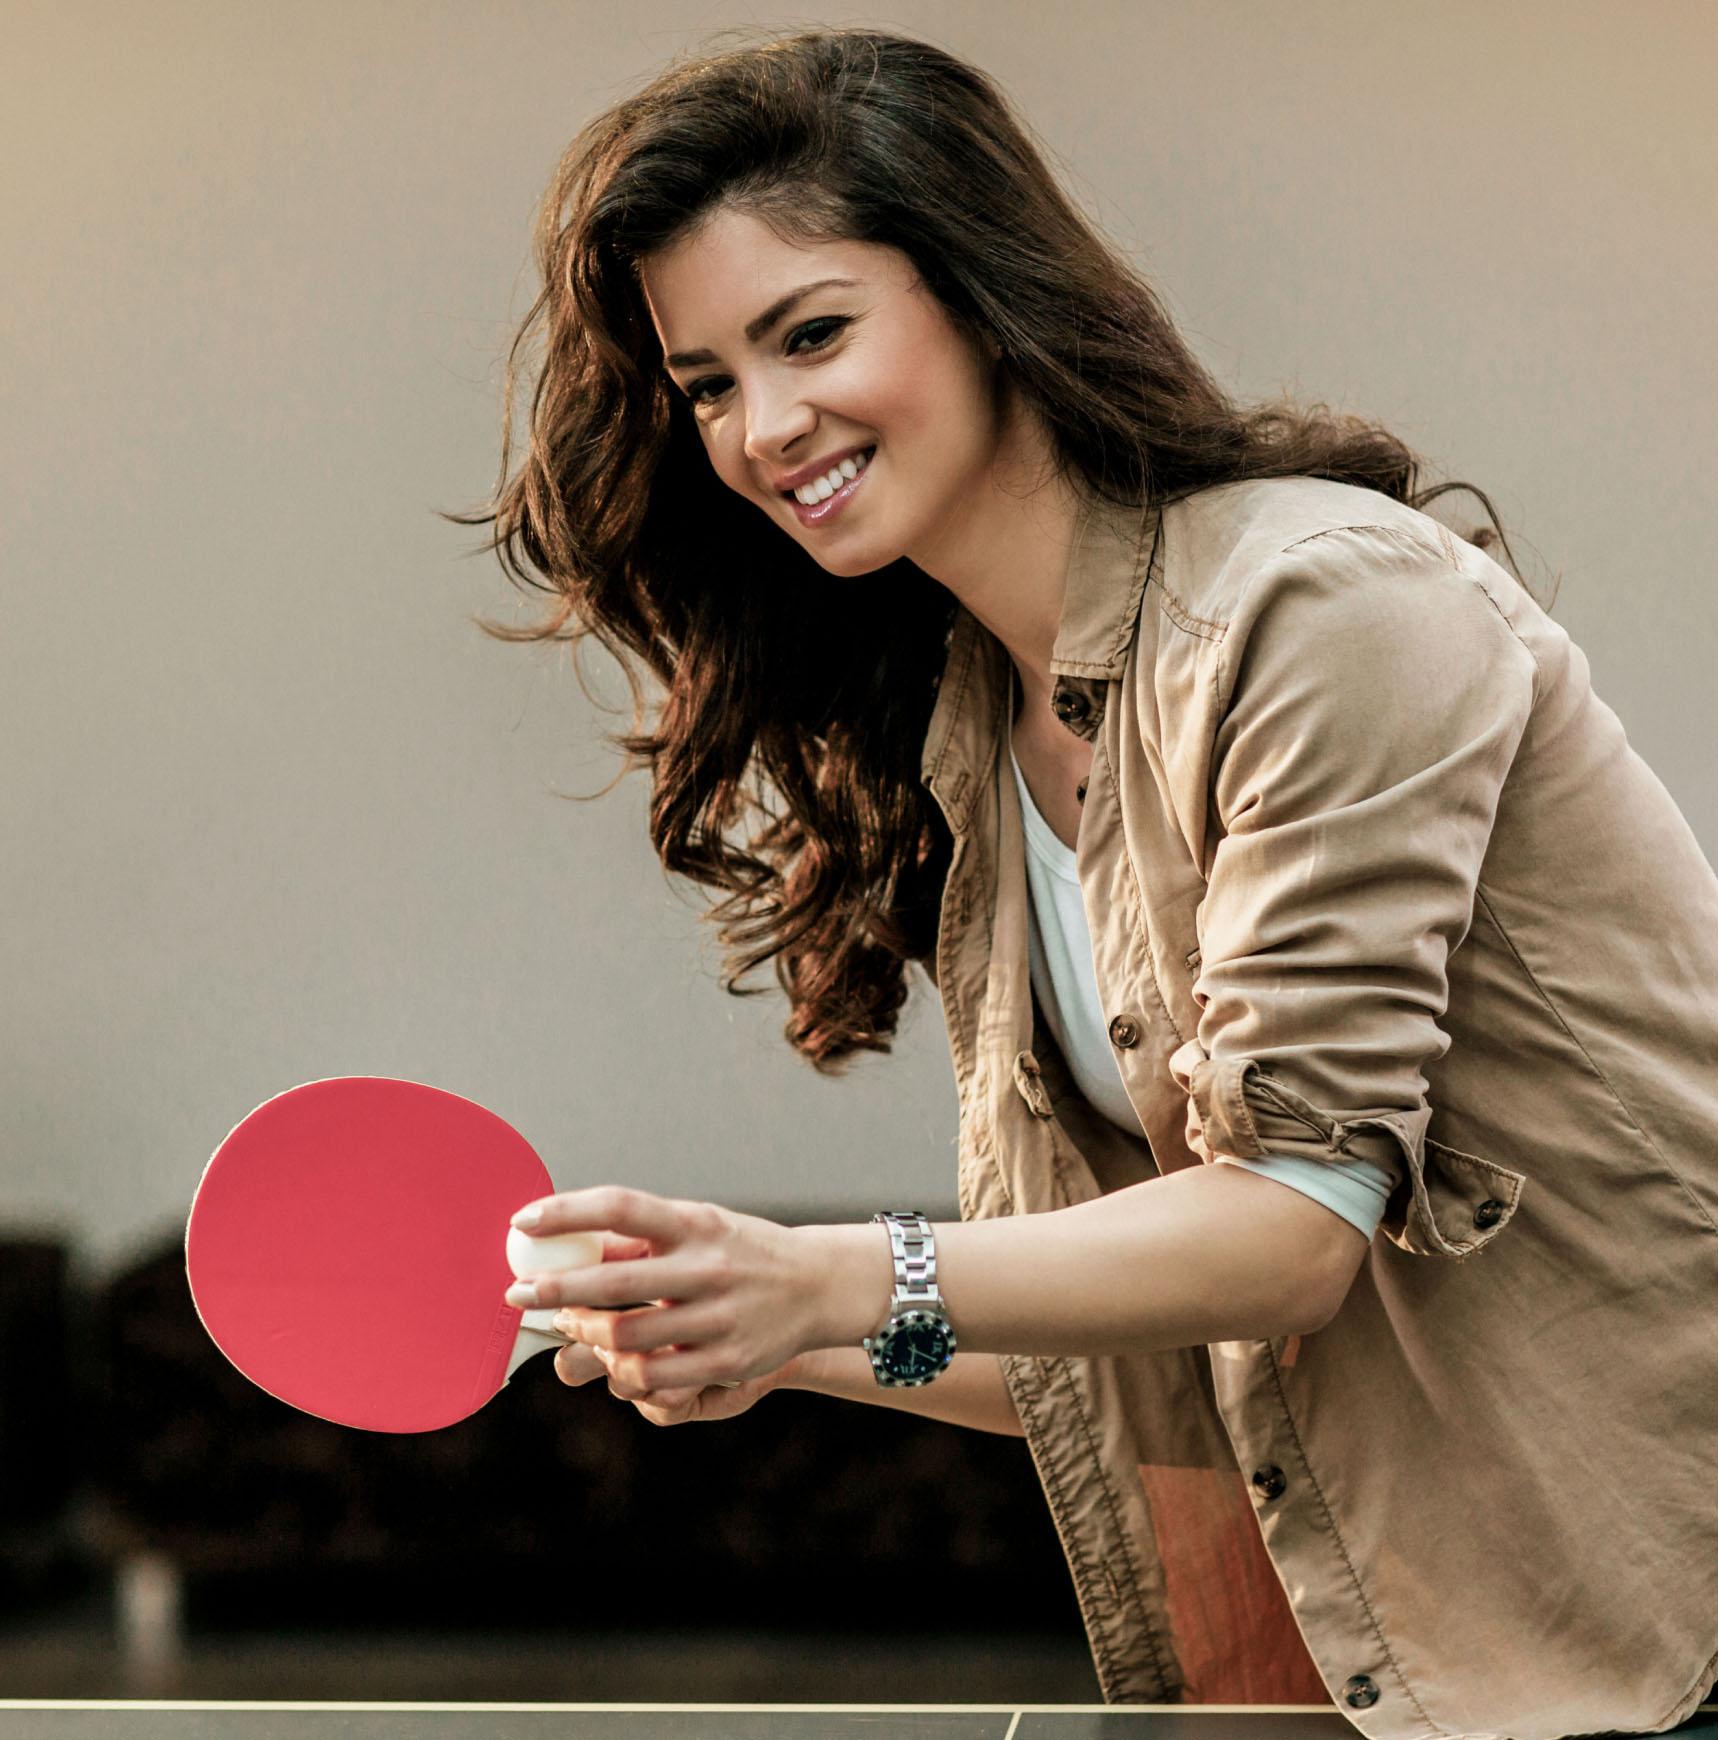 tenis-stolowy1@2x.jpg